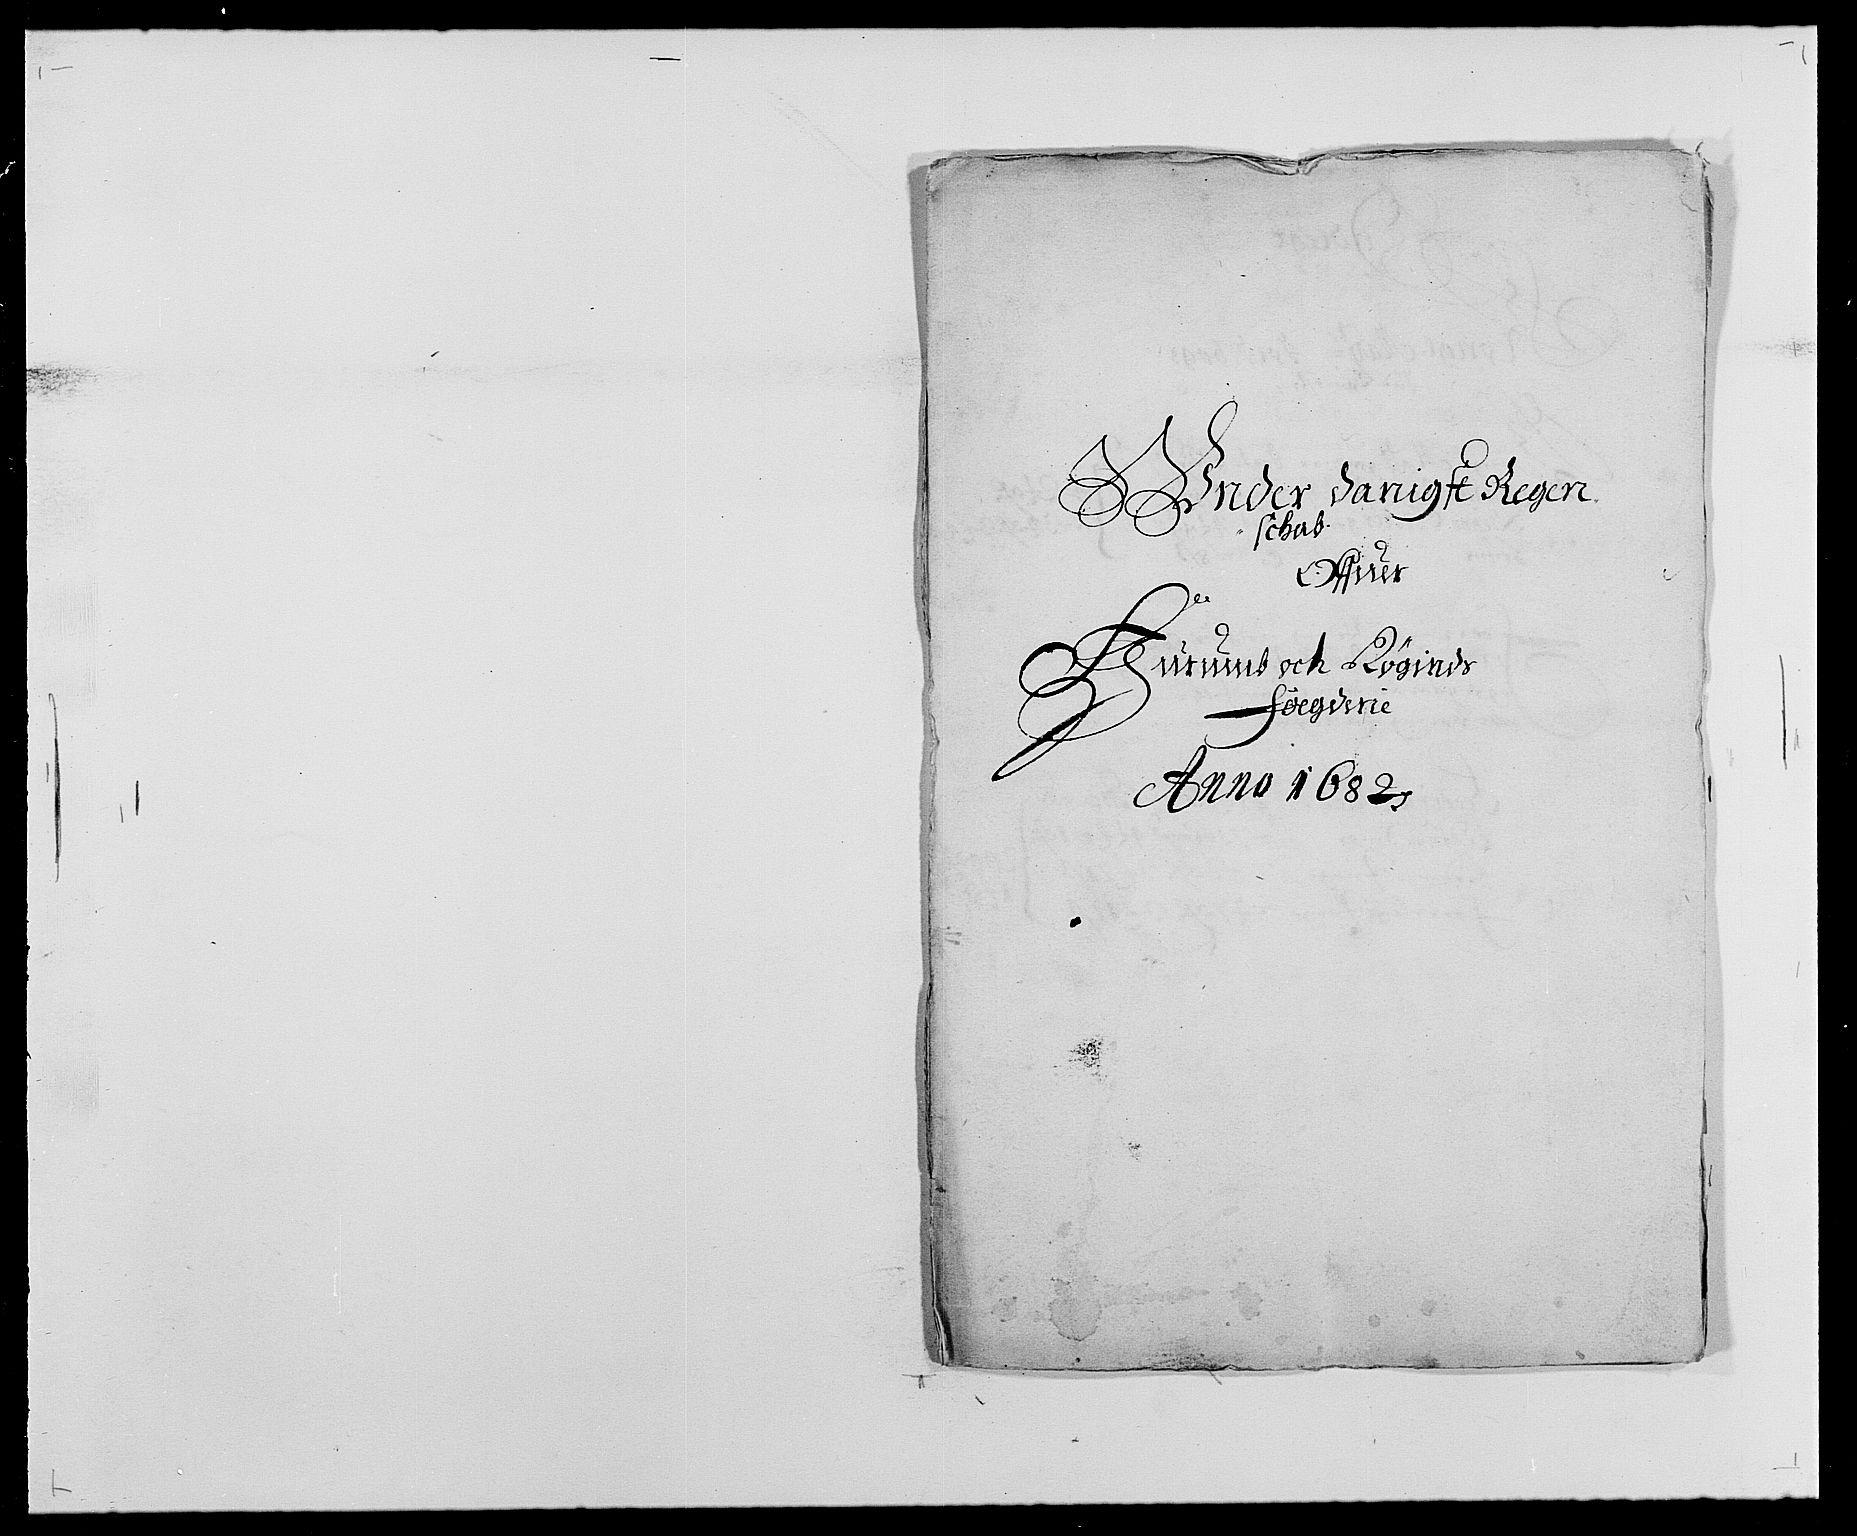 RA, Rentekammeret inntil 1814, Reviderte regnskaper, Fogderegnskap, R29/L1692: Fogderegnskap Hurum og Røyken, 1682-1687, s. 23